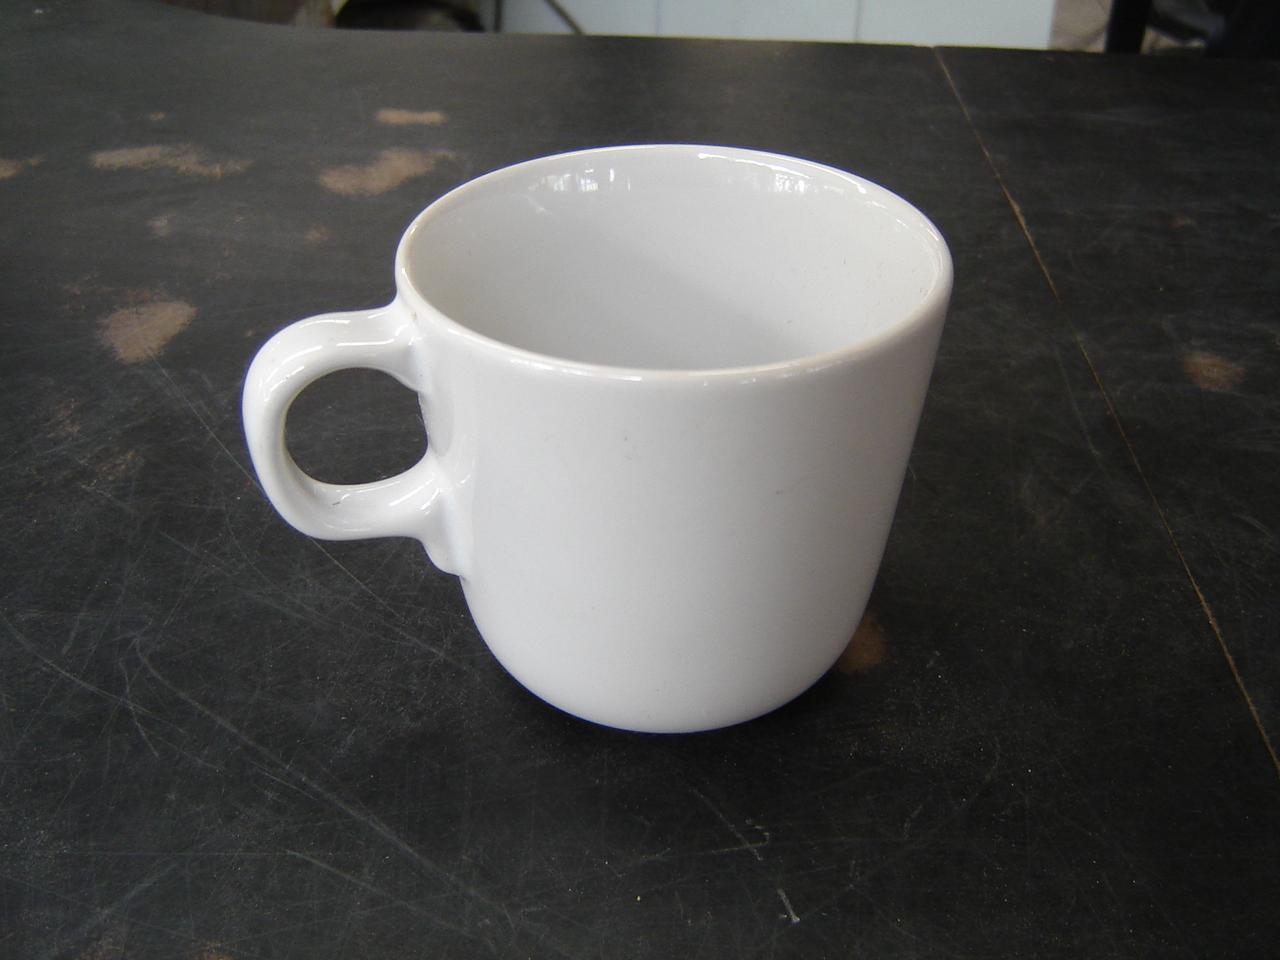 แก้วมัคสีขาว